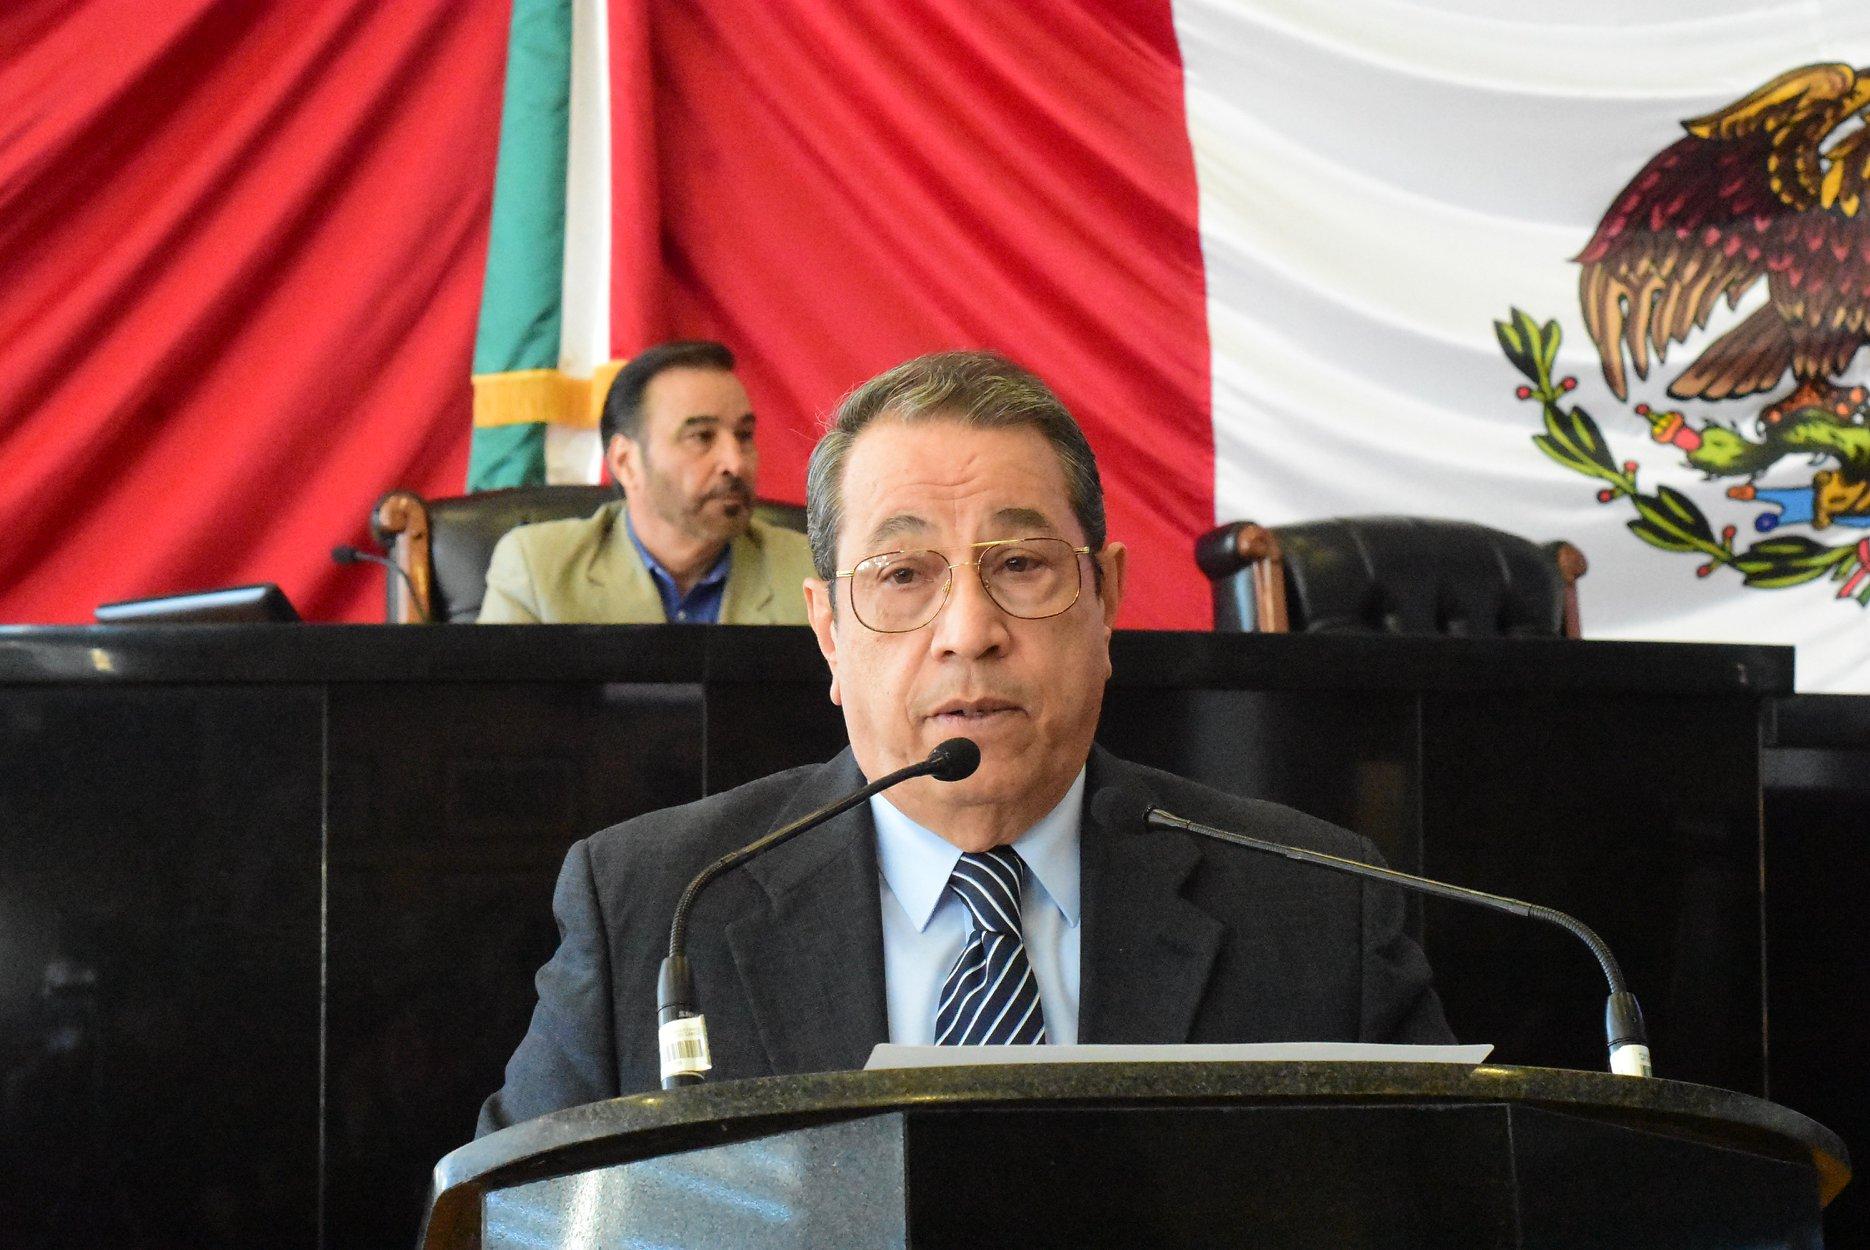 Muere secretario de Salud de Chihuahua por Covid-19